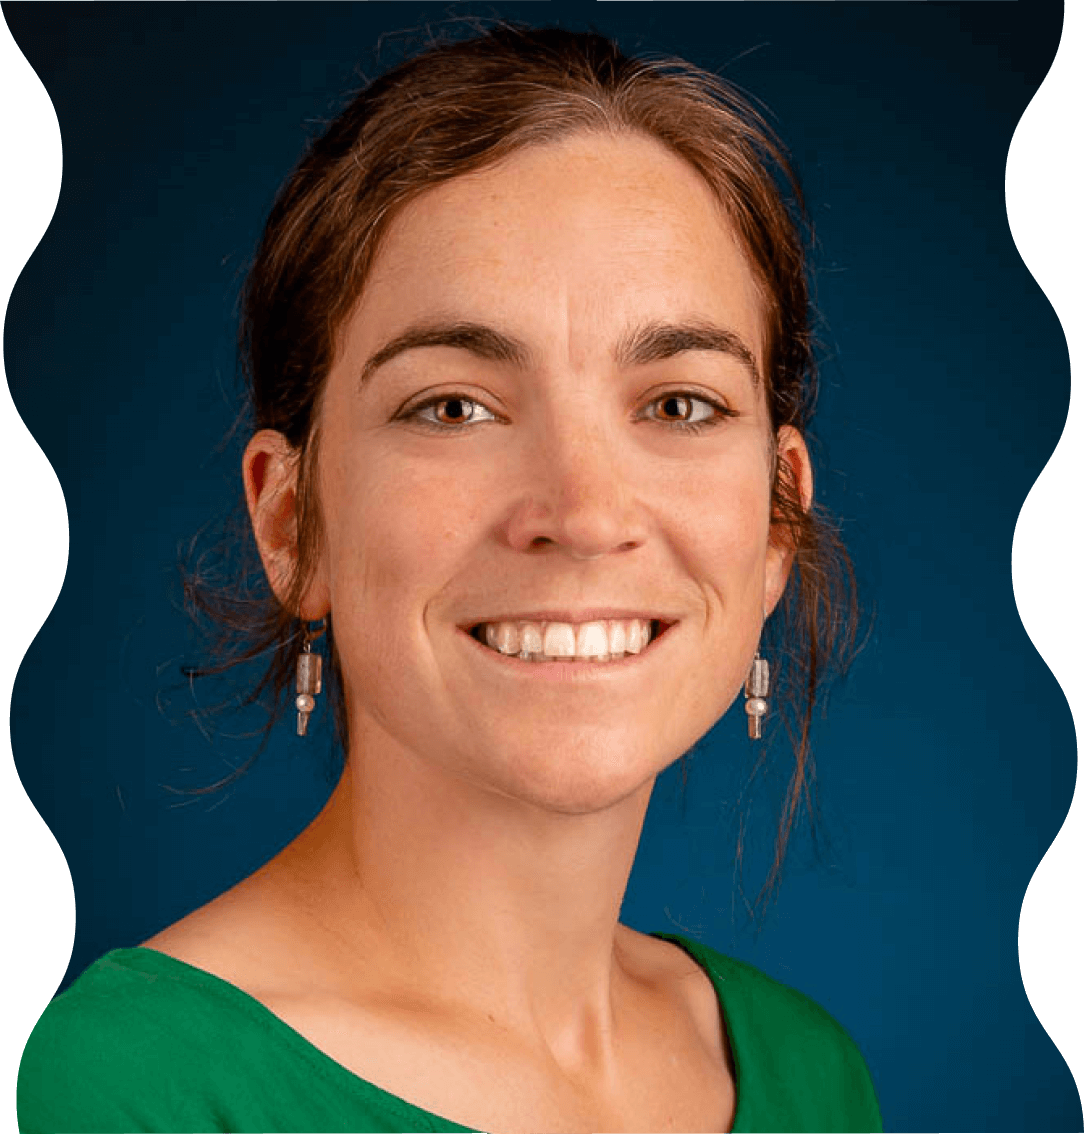 Marie Grandisson, professeure agrégée au programme d'ergothérapie, département de réadaptation, Faculté de médecine, Université Laval